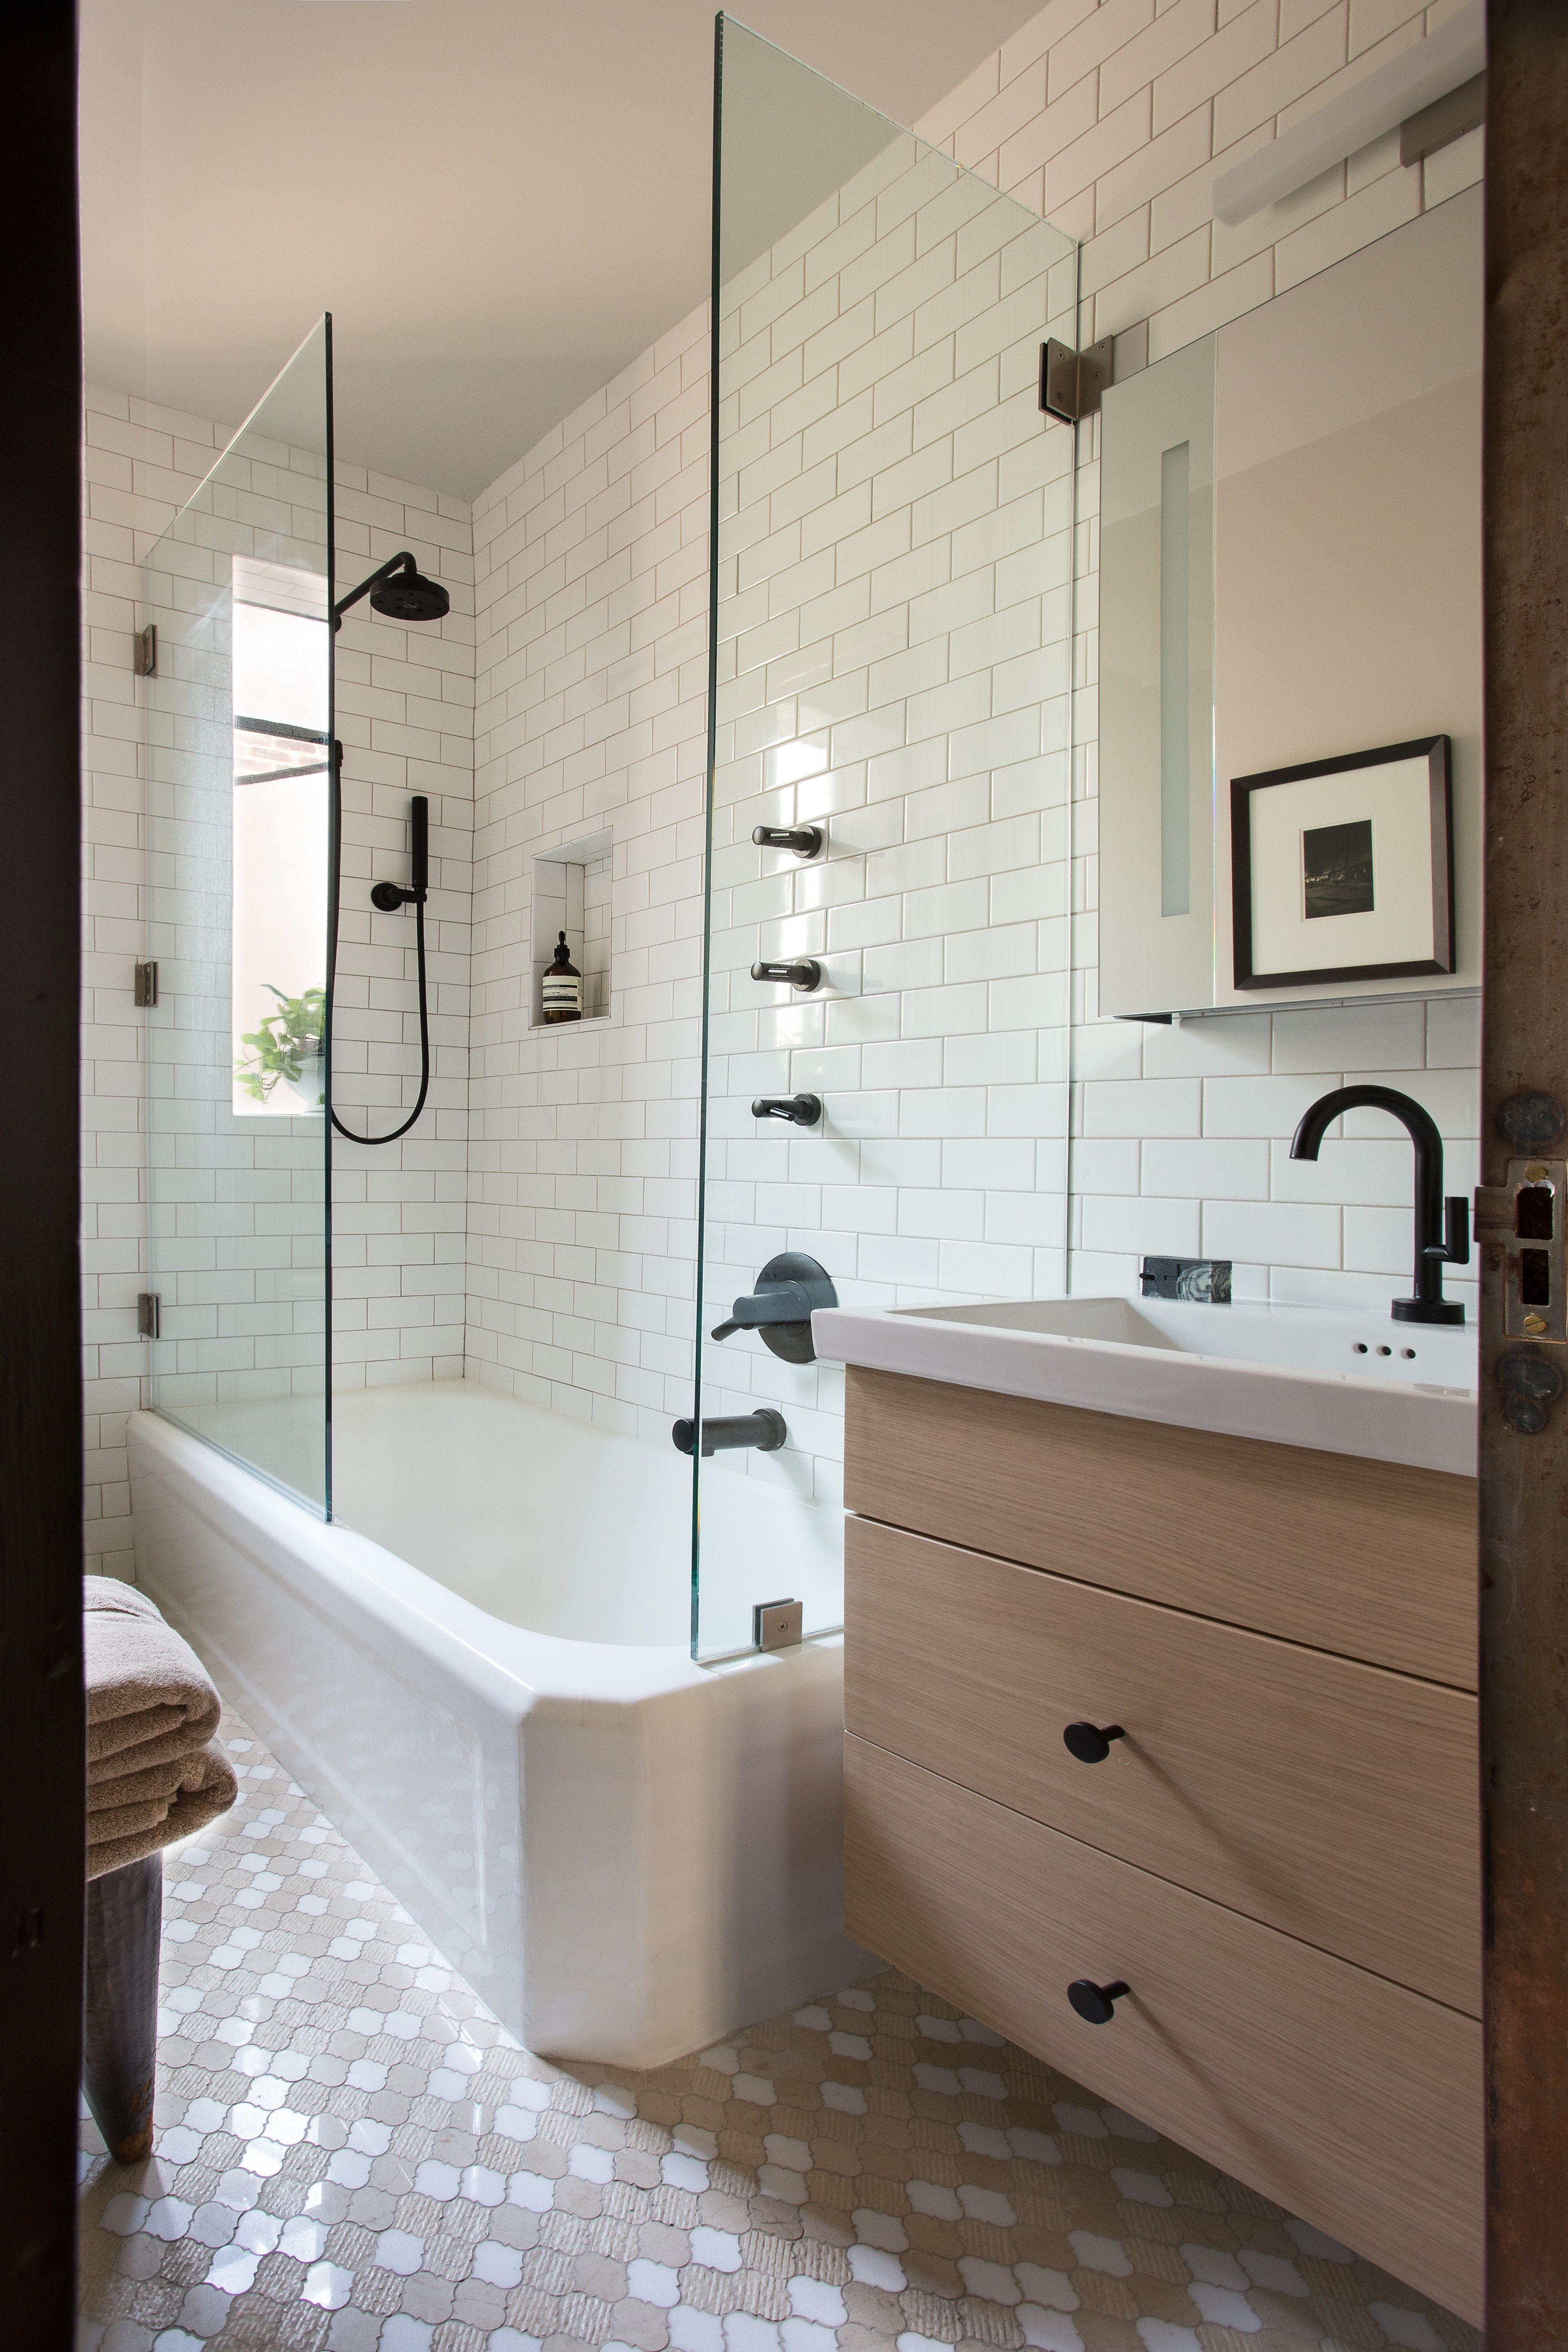 Bathroom Make Over Matte Black Hardware White Subway Tile With Beige Grout Black Bathroom Beige Bathroom Simple Bathroom Renovation